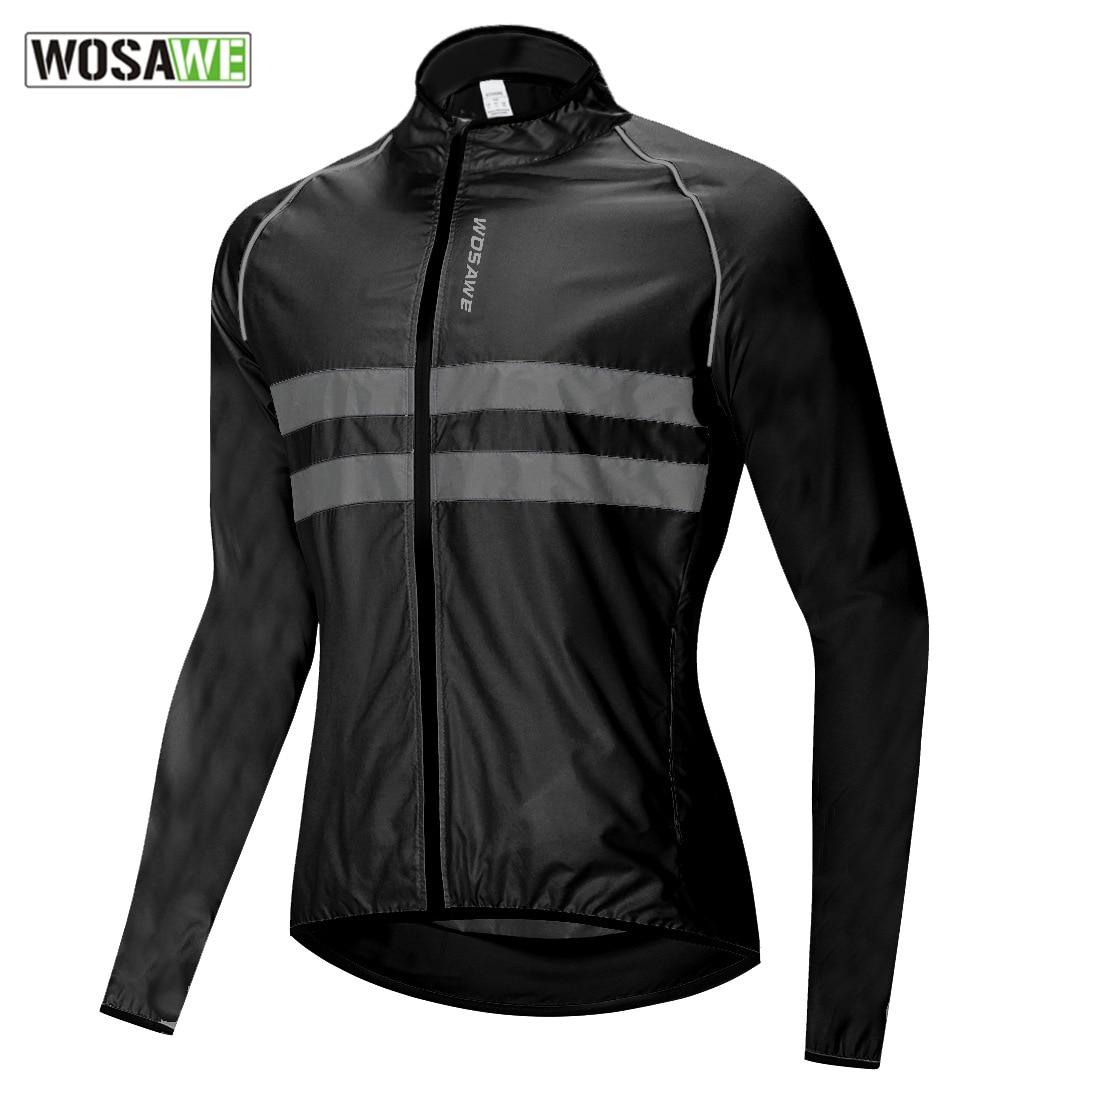 WOSAWE Ultralight Reflective Men's Cycling Jacket Long Waterproof Windproof Road Mountain Bike MTB J